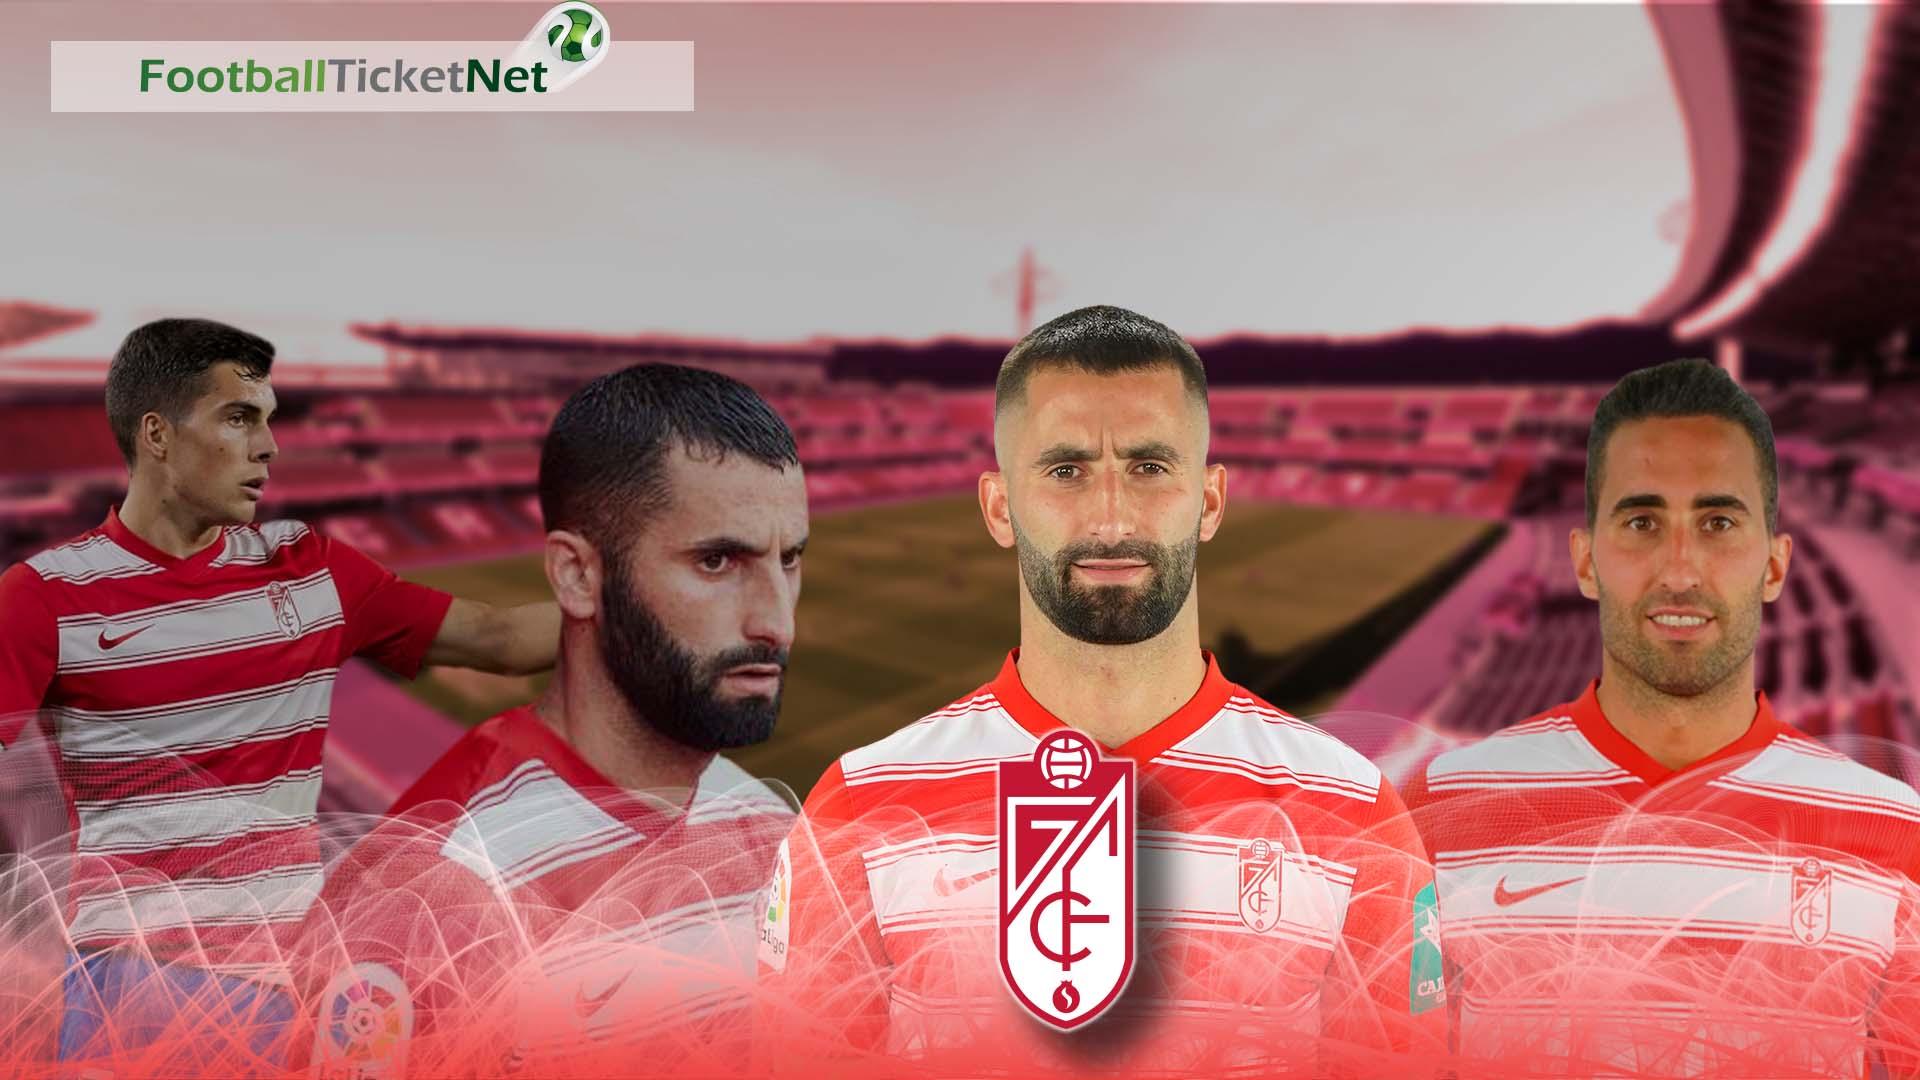 Buy Granada CF Tickets 2020/21 | Football Ticket Net